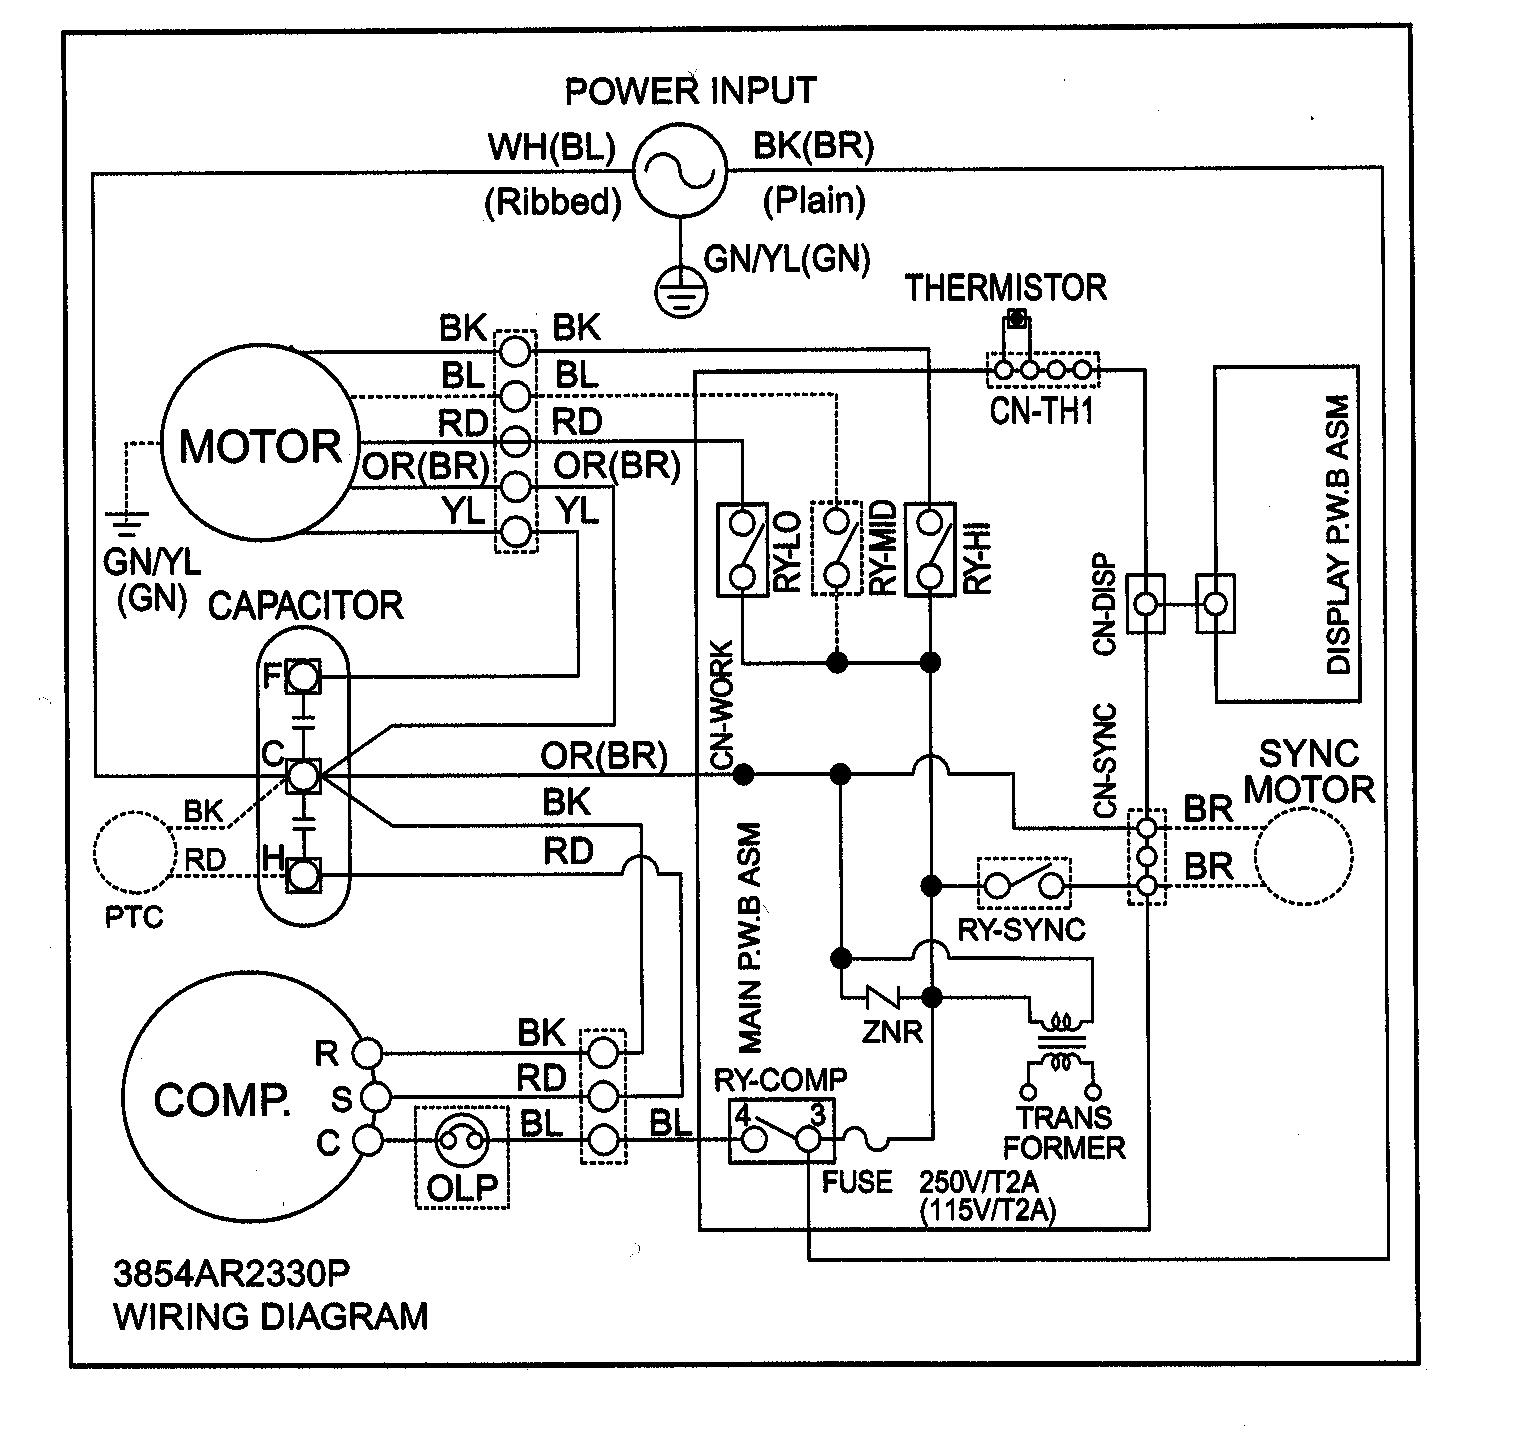 waeco fridge circuit diagram wiring diagrams